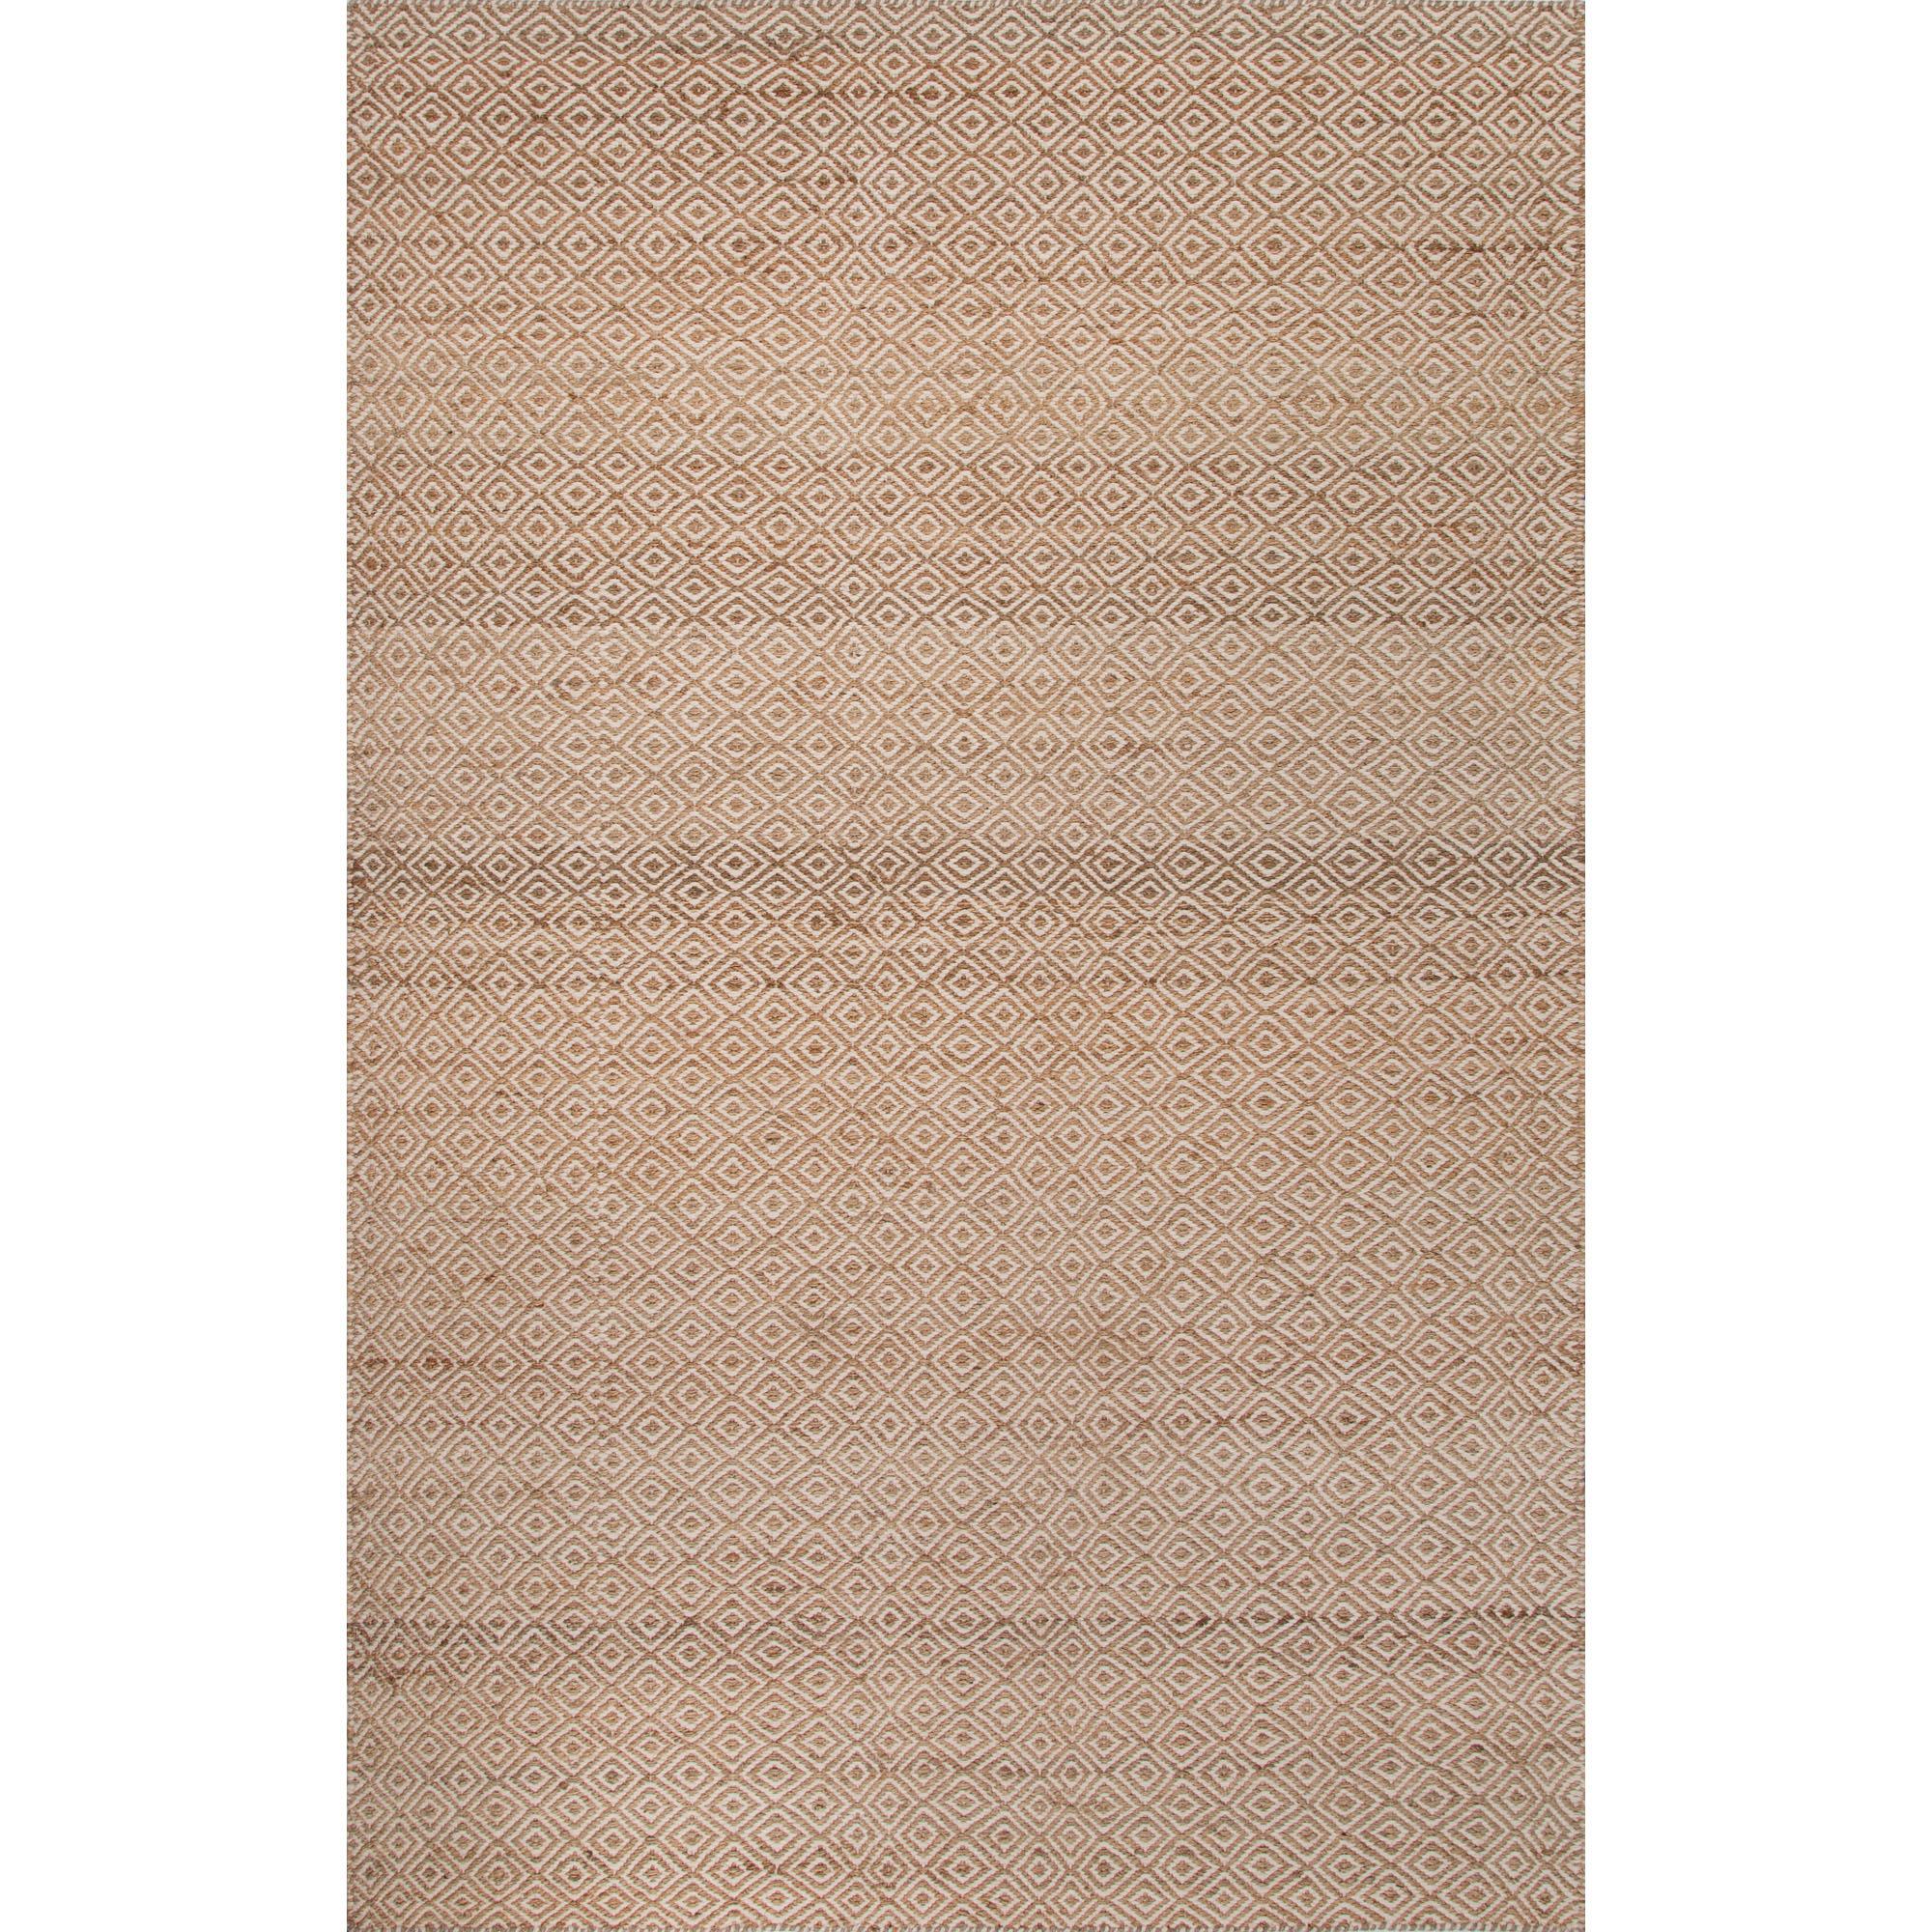 JAIPUR Rugs Naturals Ambary 8 x 10 Rug - Item Number: RUG114652